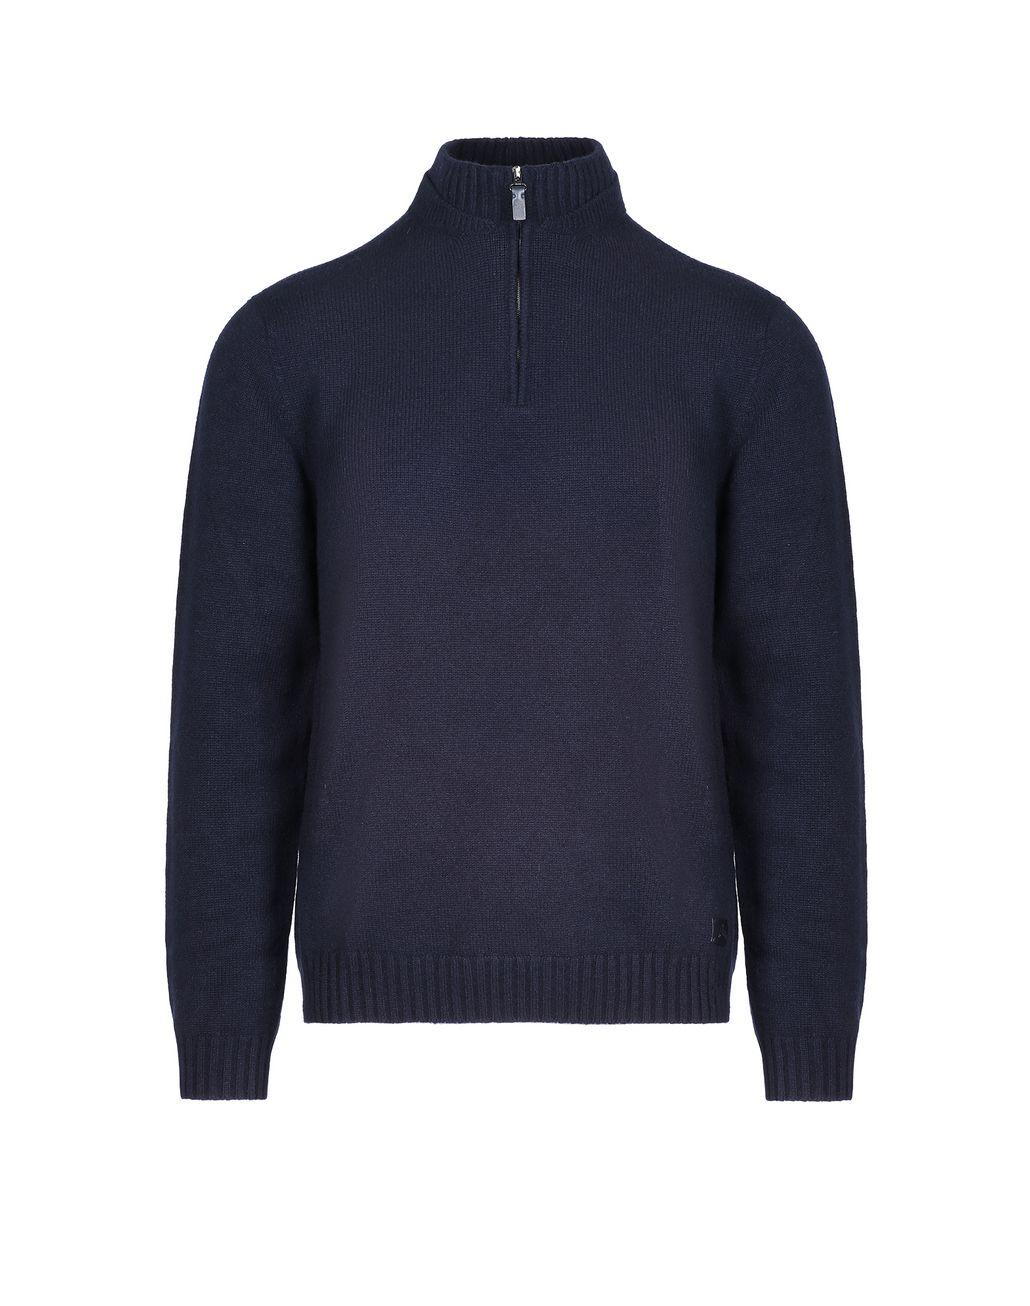 BRIONI Marineblauer Pullover mit Stehkragen und Reißverschluss Strickware [*** pickupInStoreShippingNotGuaranteed_info ***] f